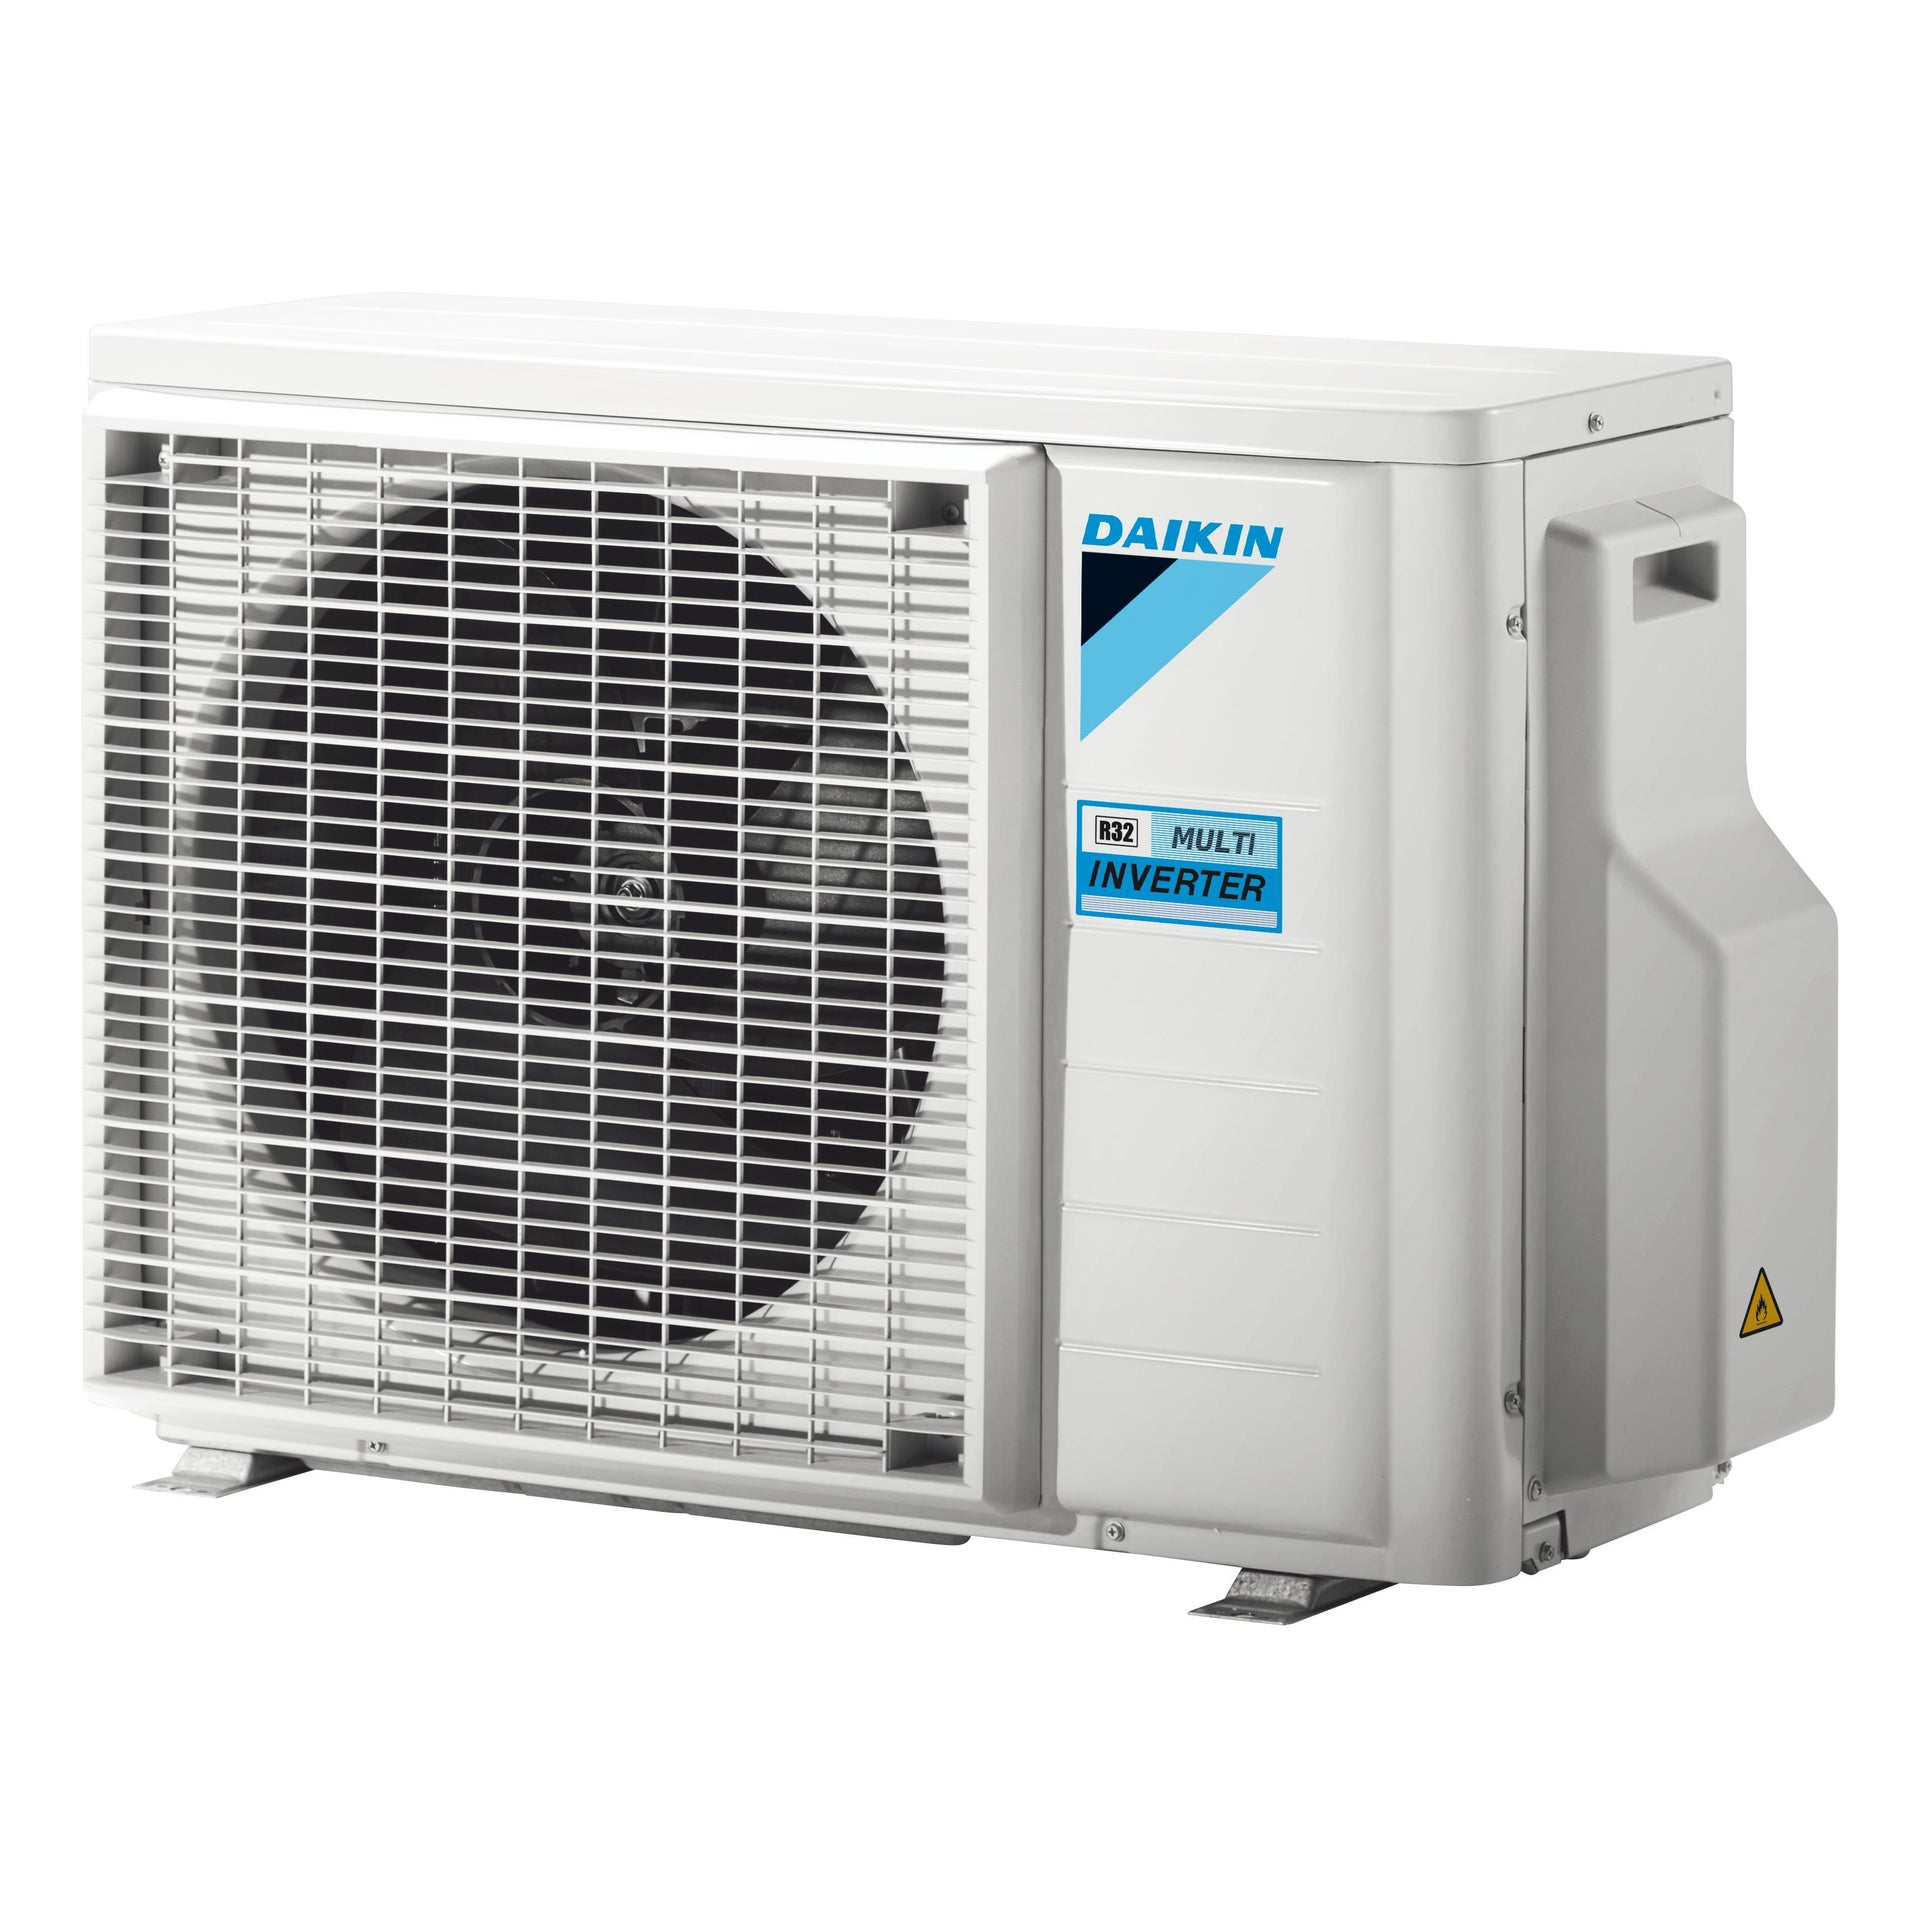 Climatizzatore dualsplit DAIKIN Emura 17100 BTU classe A+++ - 4